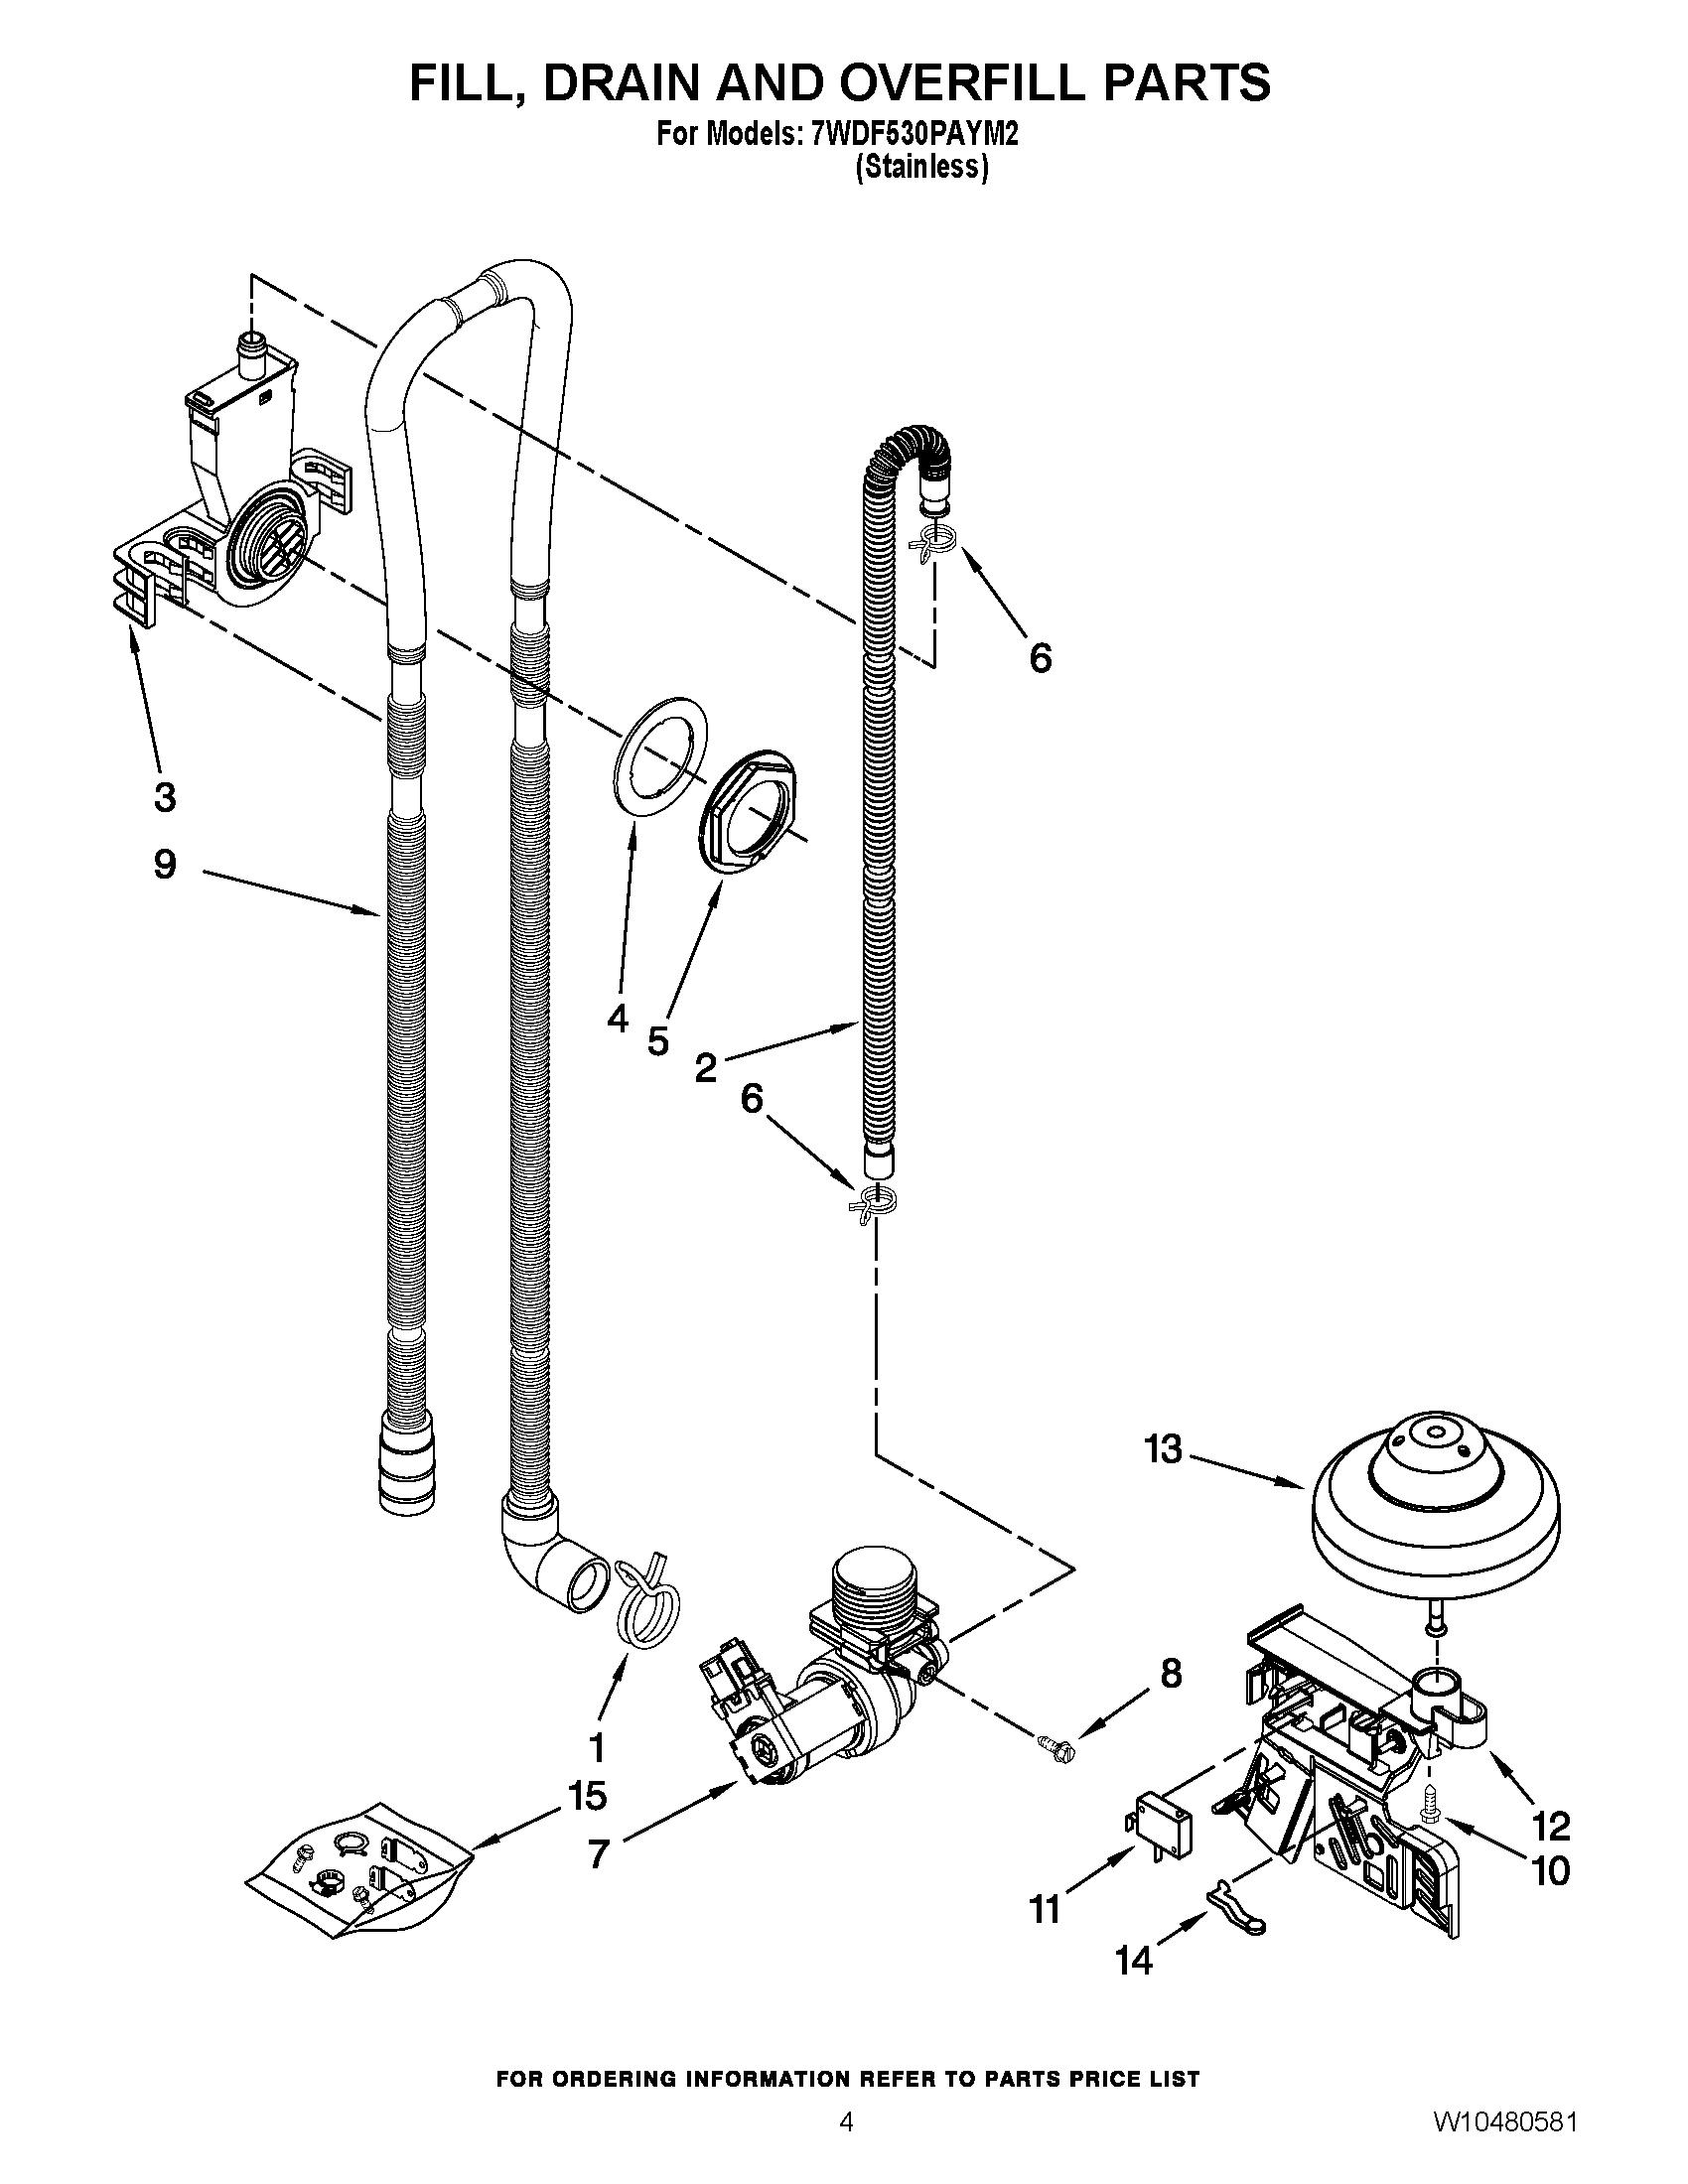 7WDF530PAYM2